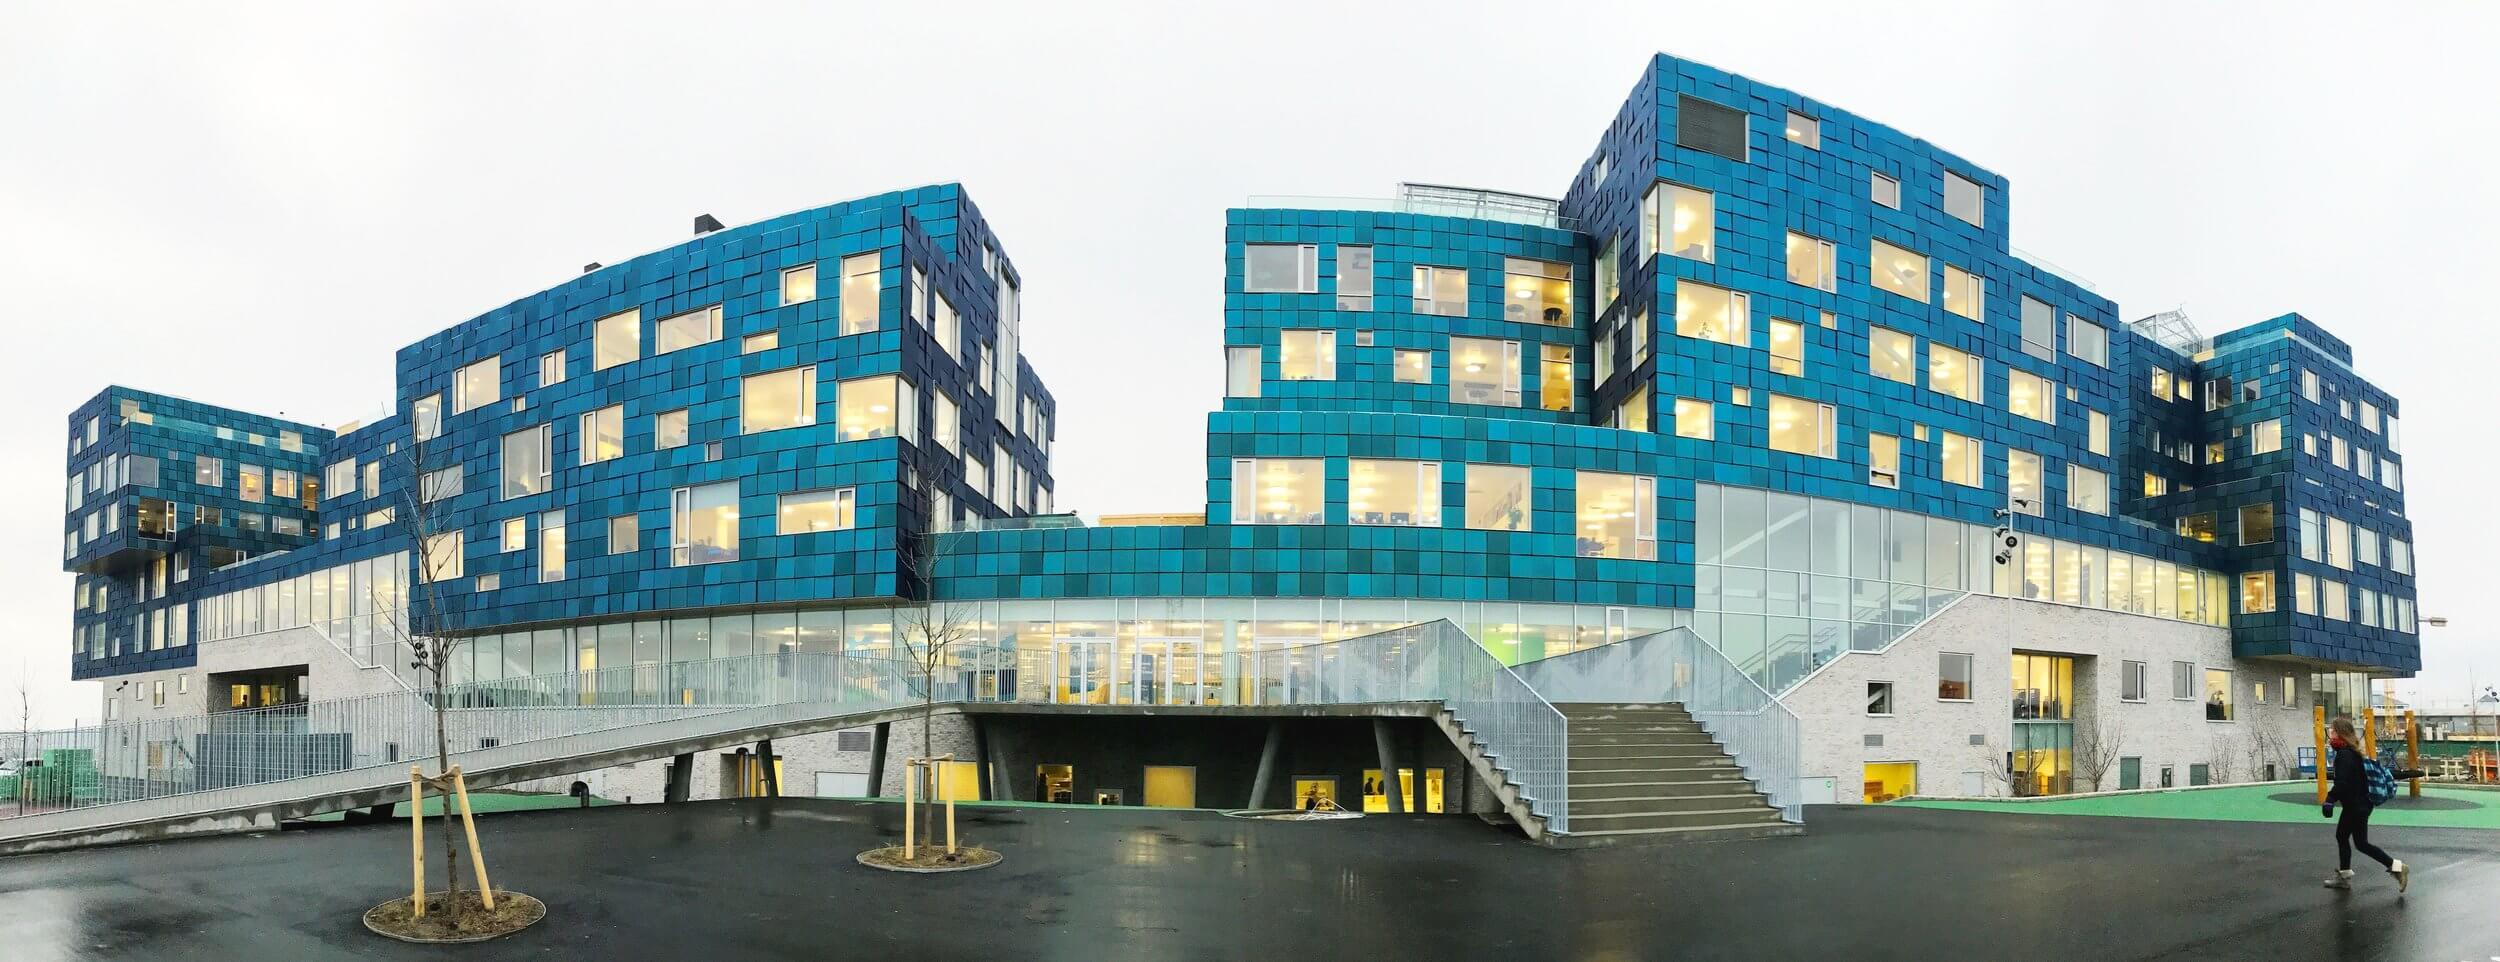 BIPV · Proyecto completo con paneles de vidrio fotovoltaico.